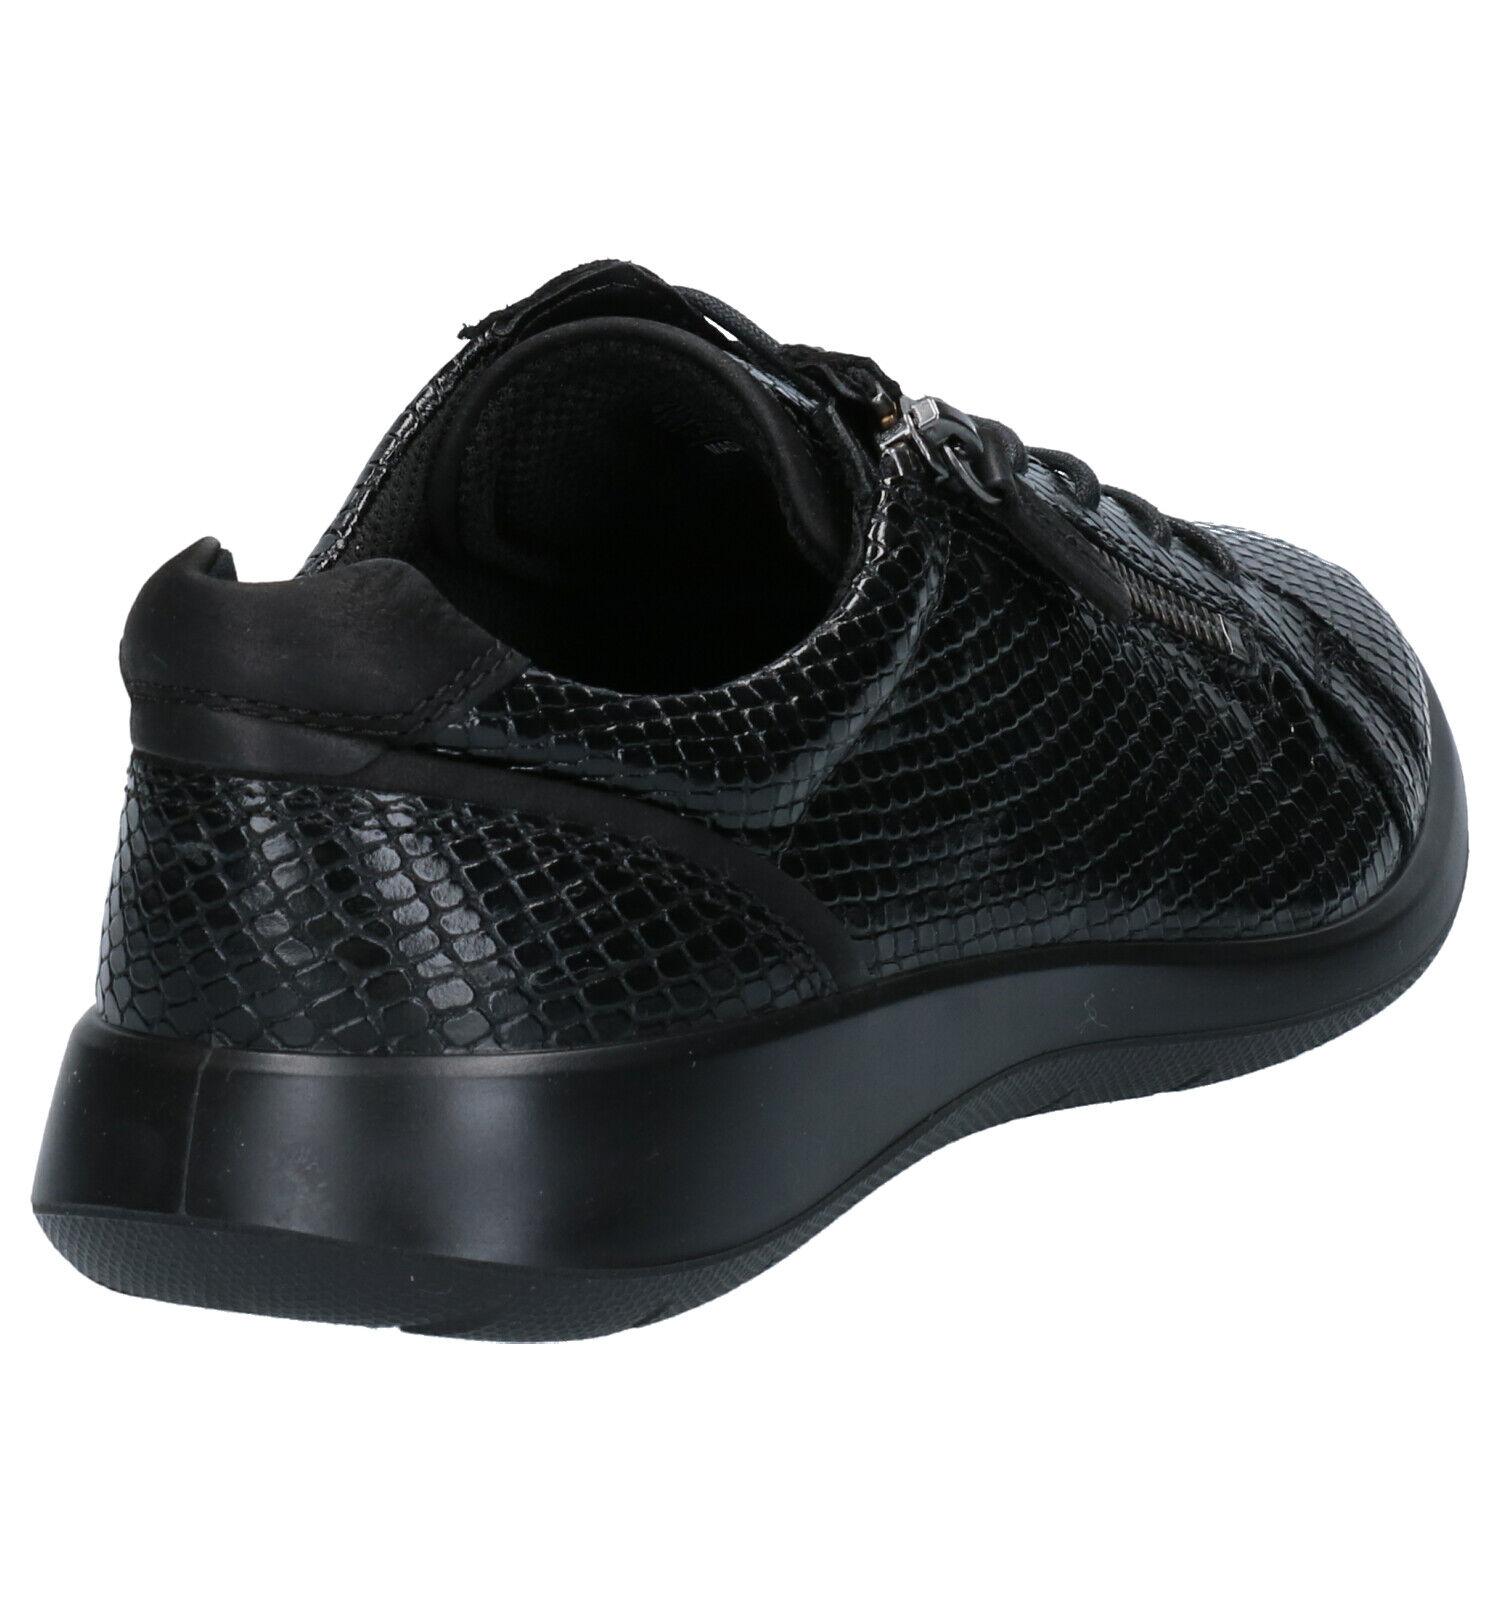 ECCO Soft 5 Zwarte Veterschoenen